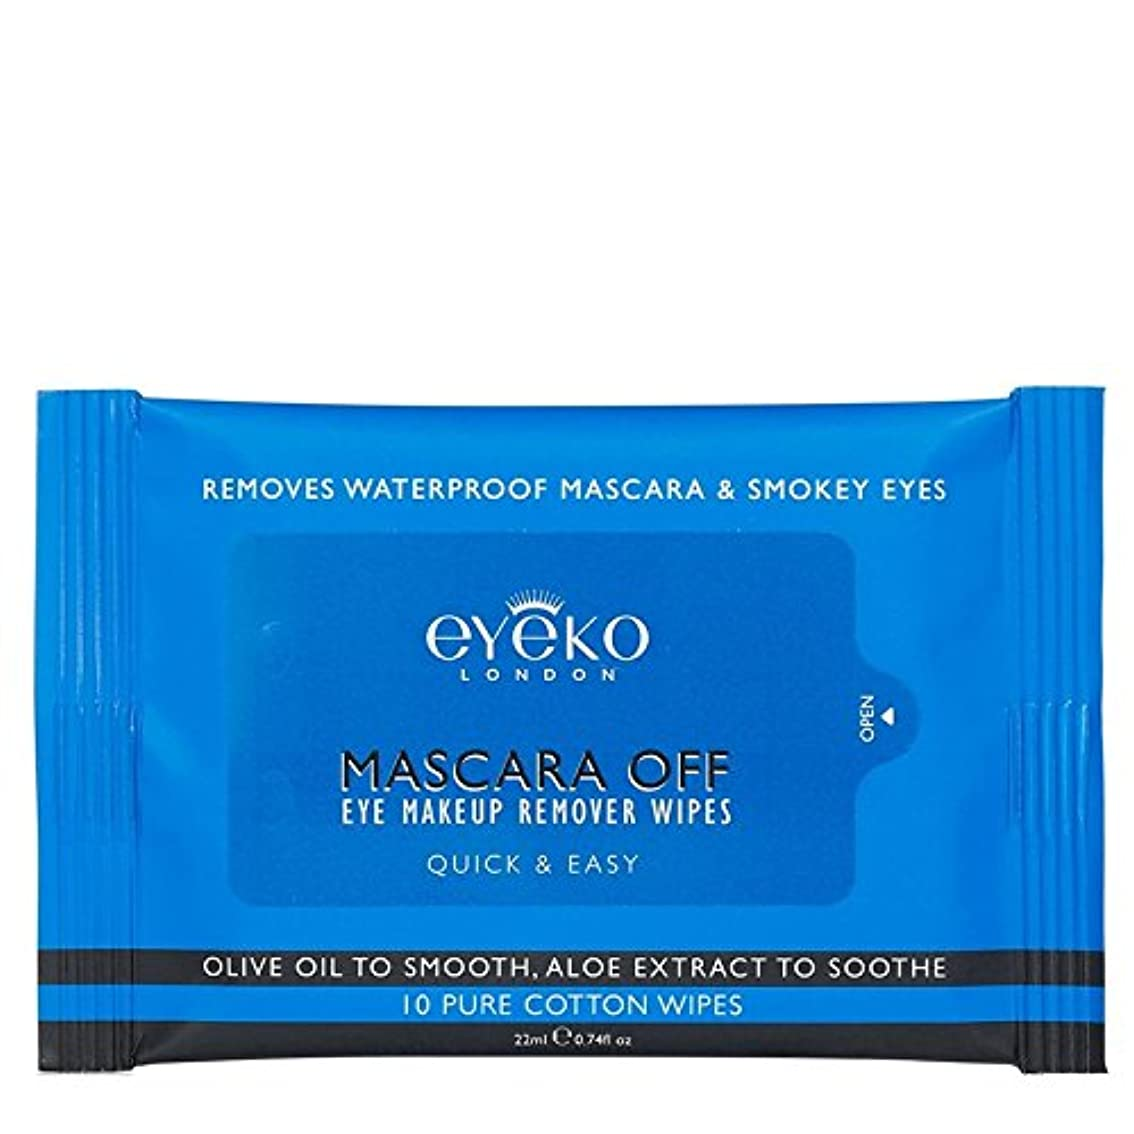 マスカラオフパックあたり10ワイプ x4 - Eyeko Mascara off Wipes 10 per pack (Pack of 4) [並行輸入品]